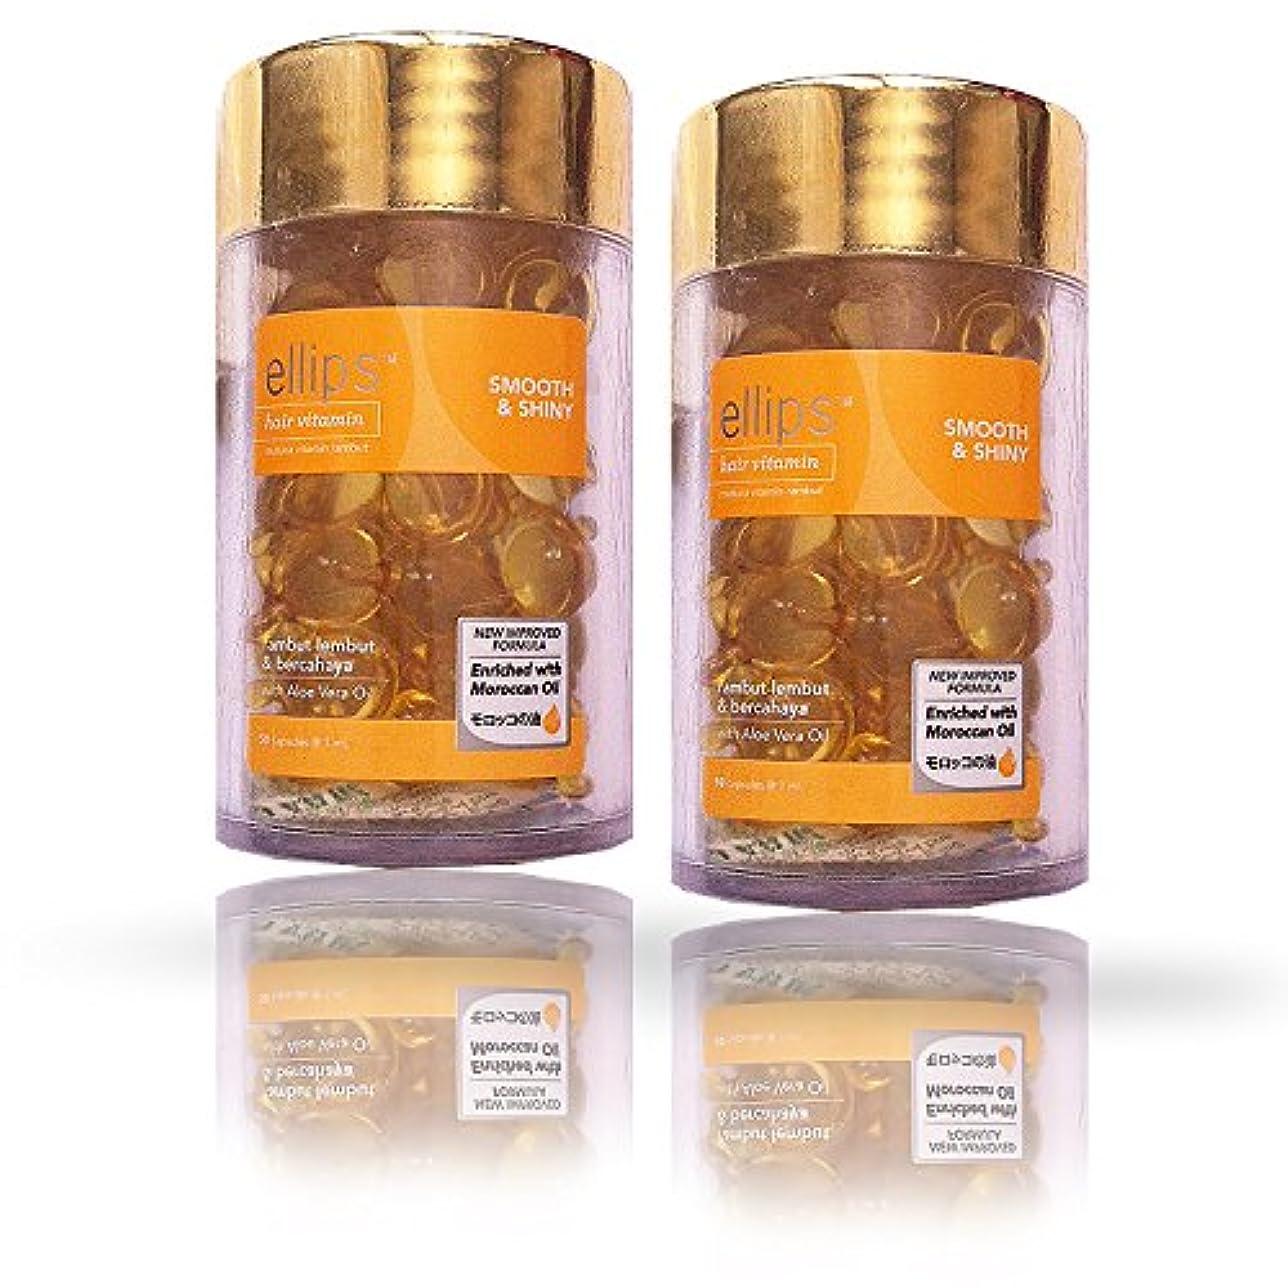 まぶしさピザフィドルエリップス(ellips)スムース&シャイニー(フレッシュ トロピカル フルーツの香り) ボトル50粒×2個